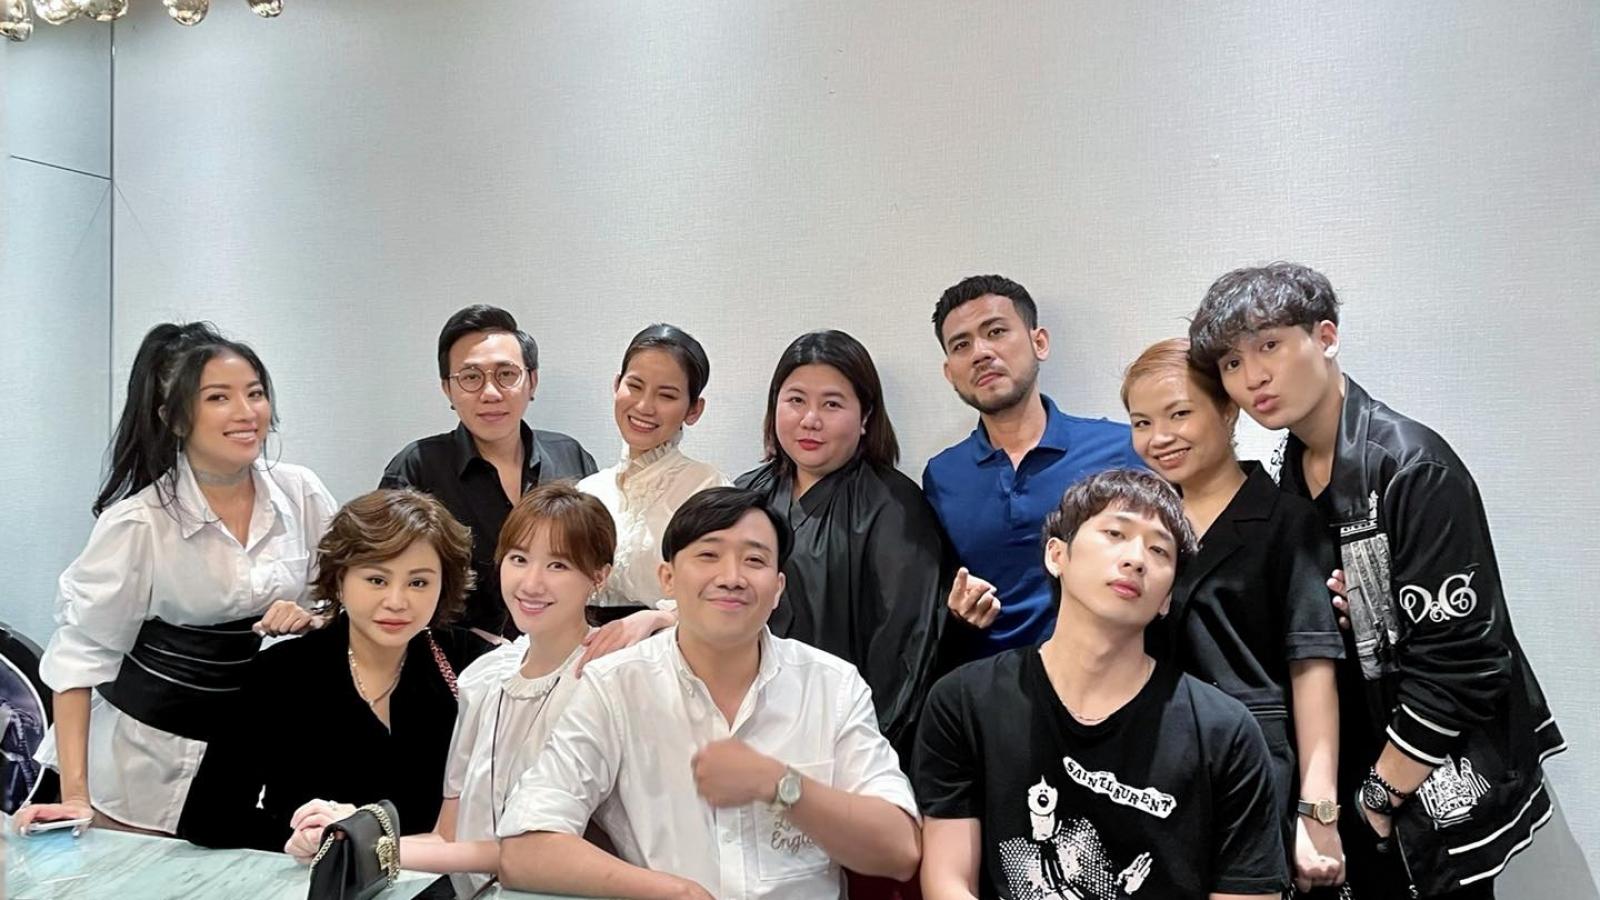 Chuyện showbiz: Hari Won vướng nghi vấn mang bầu chỉ qua một bức ảnh?